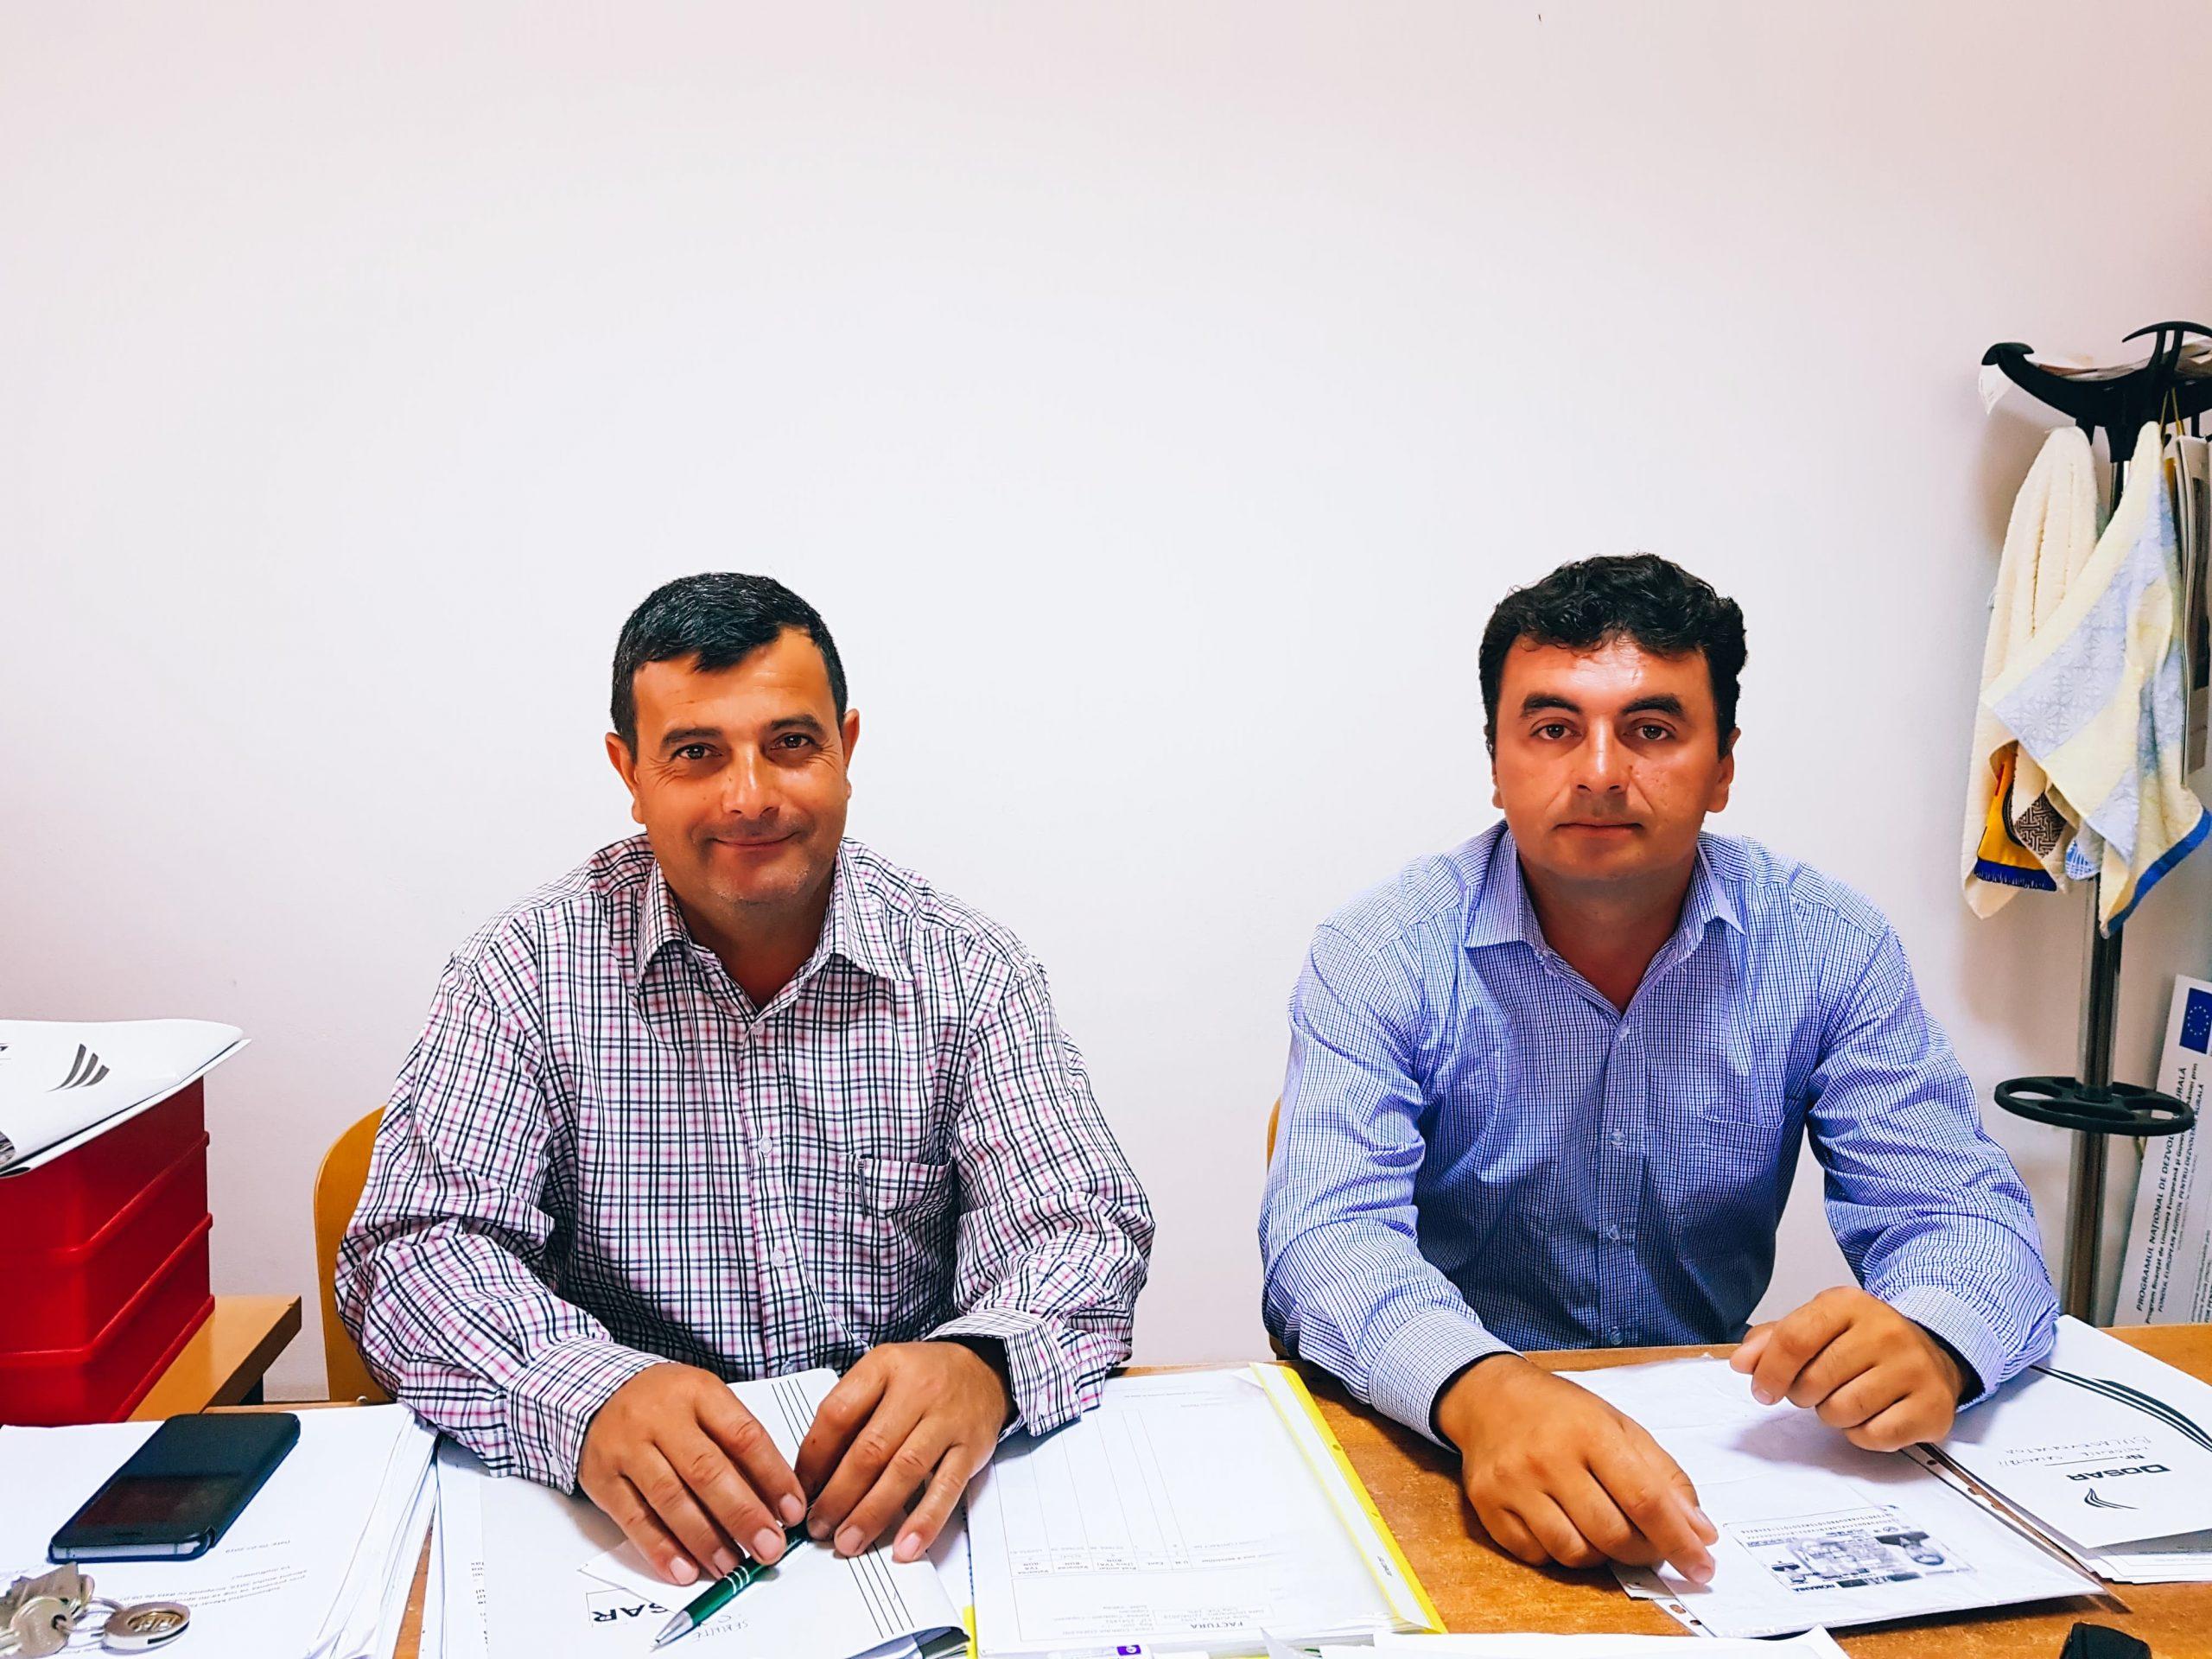 Înfiinţarea reţelei de gaze naturale, în atenţia administraţiei locale din Copăceni